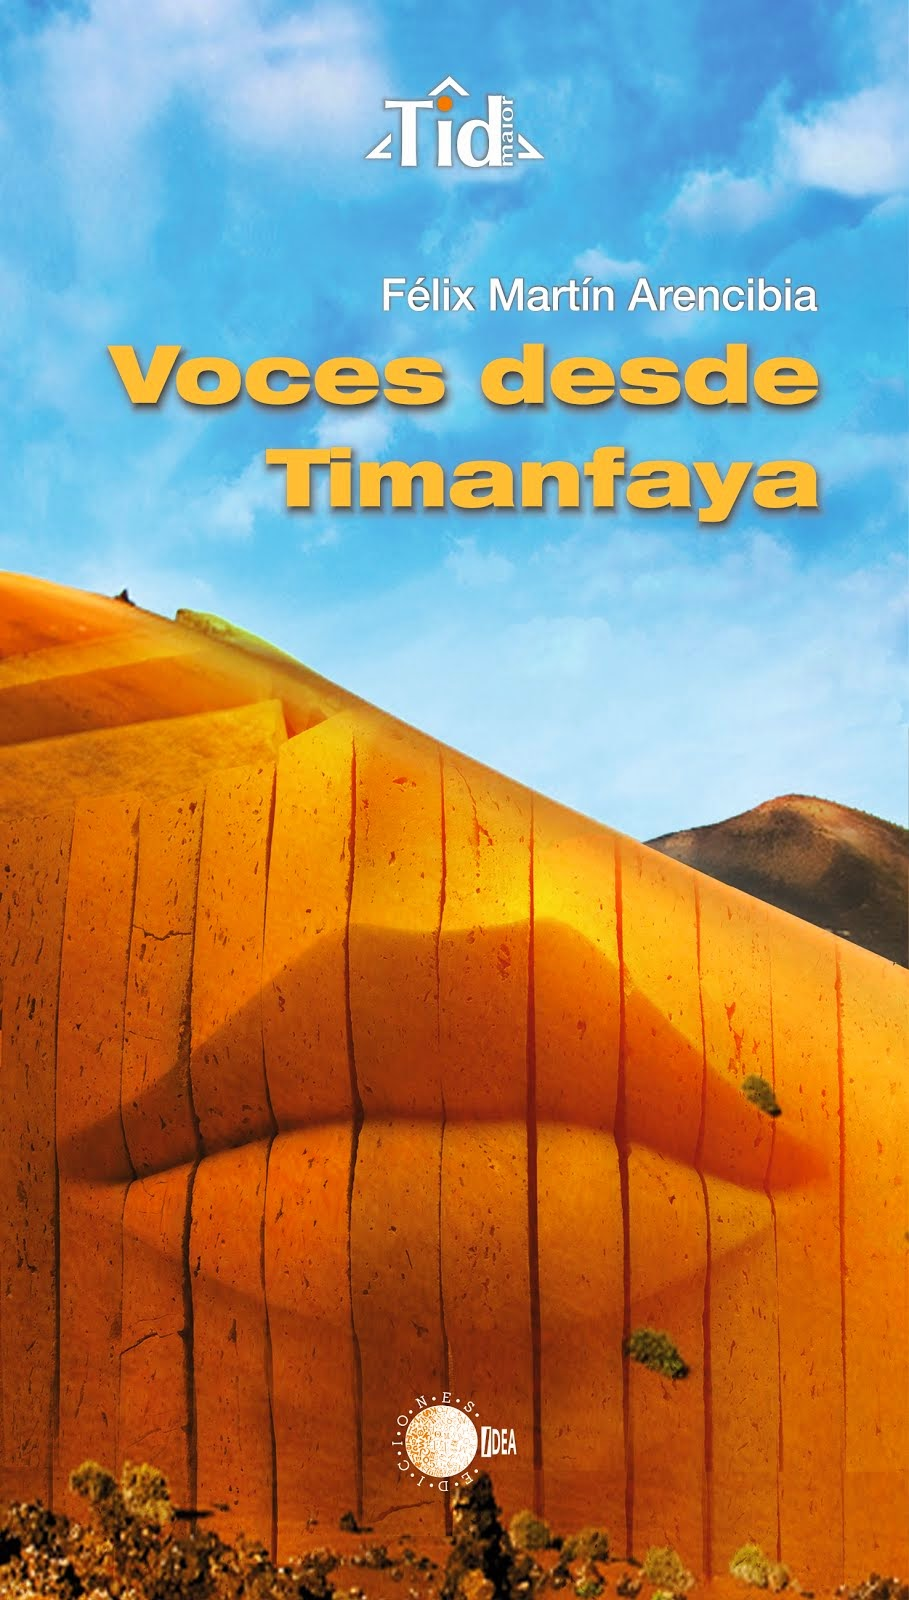 Voces desde Timanfaya